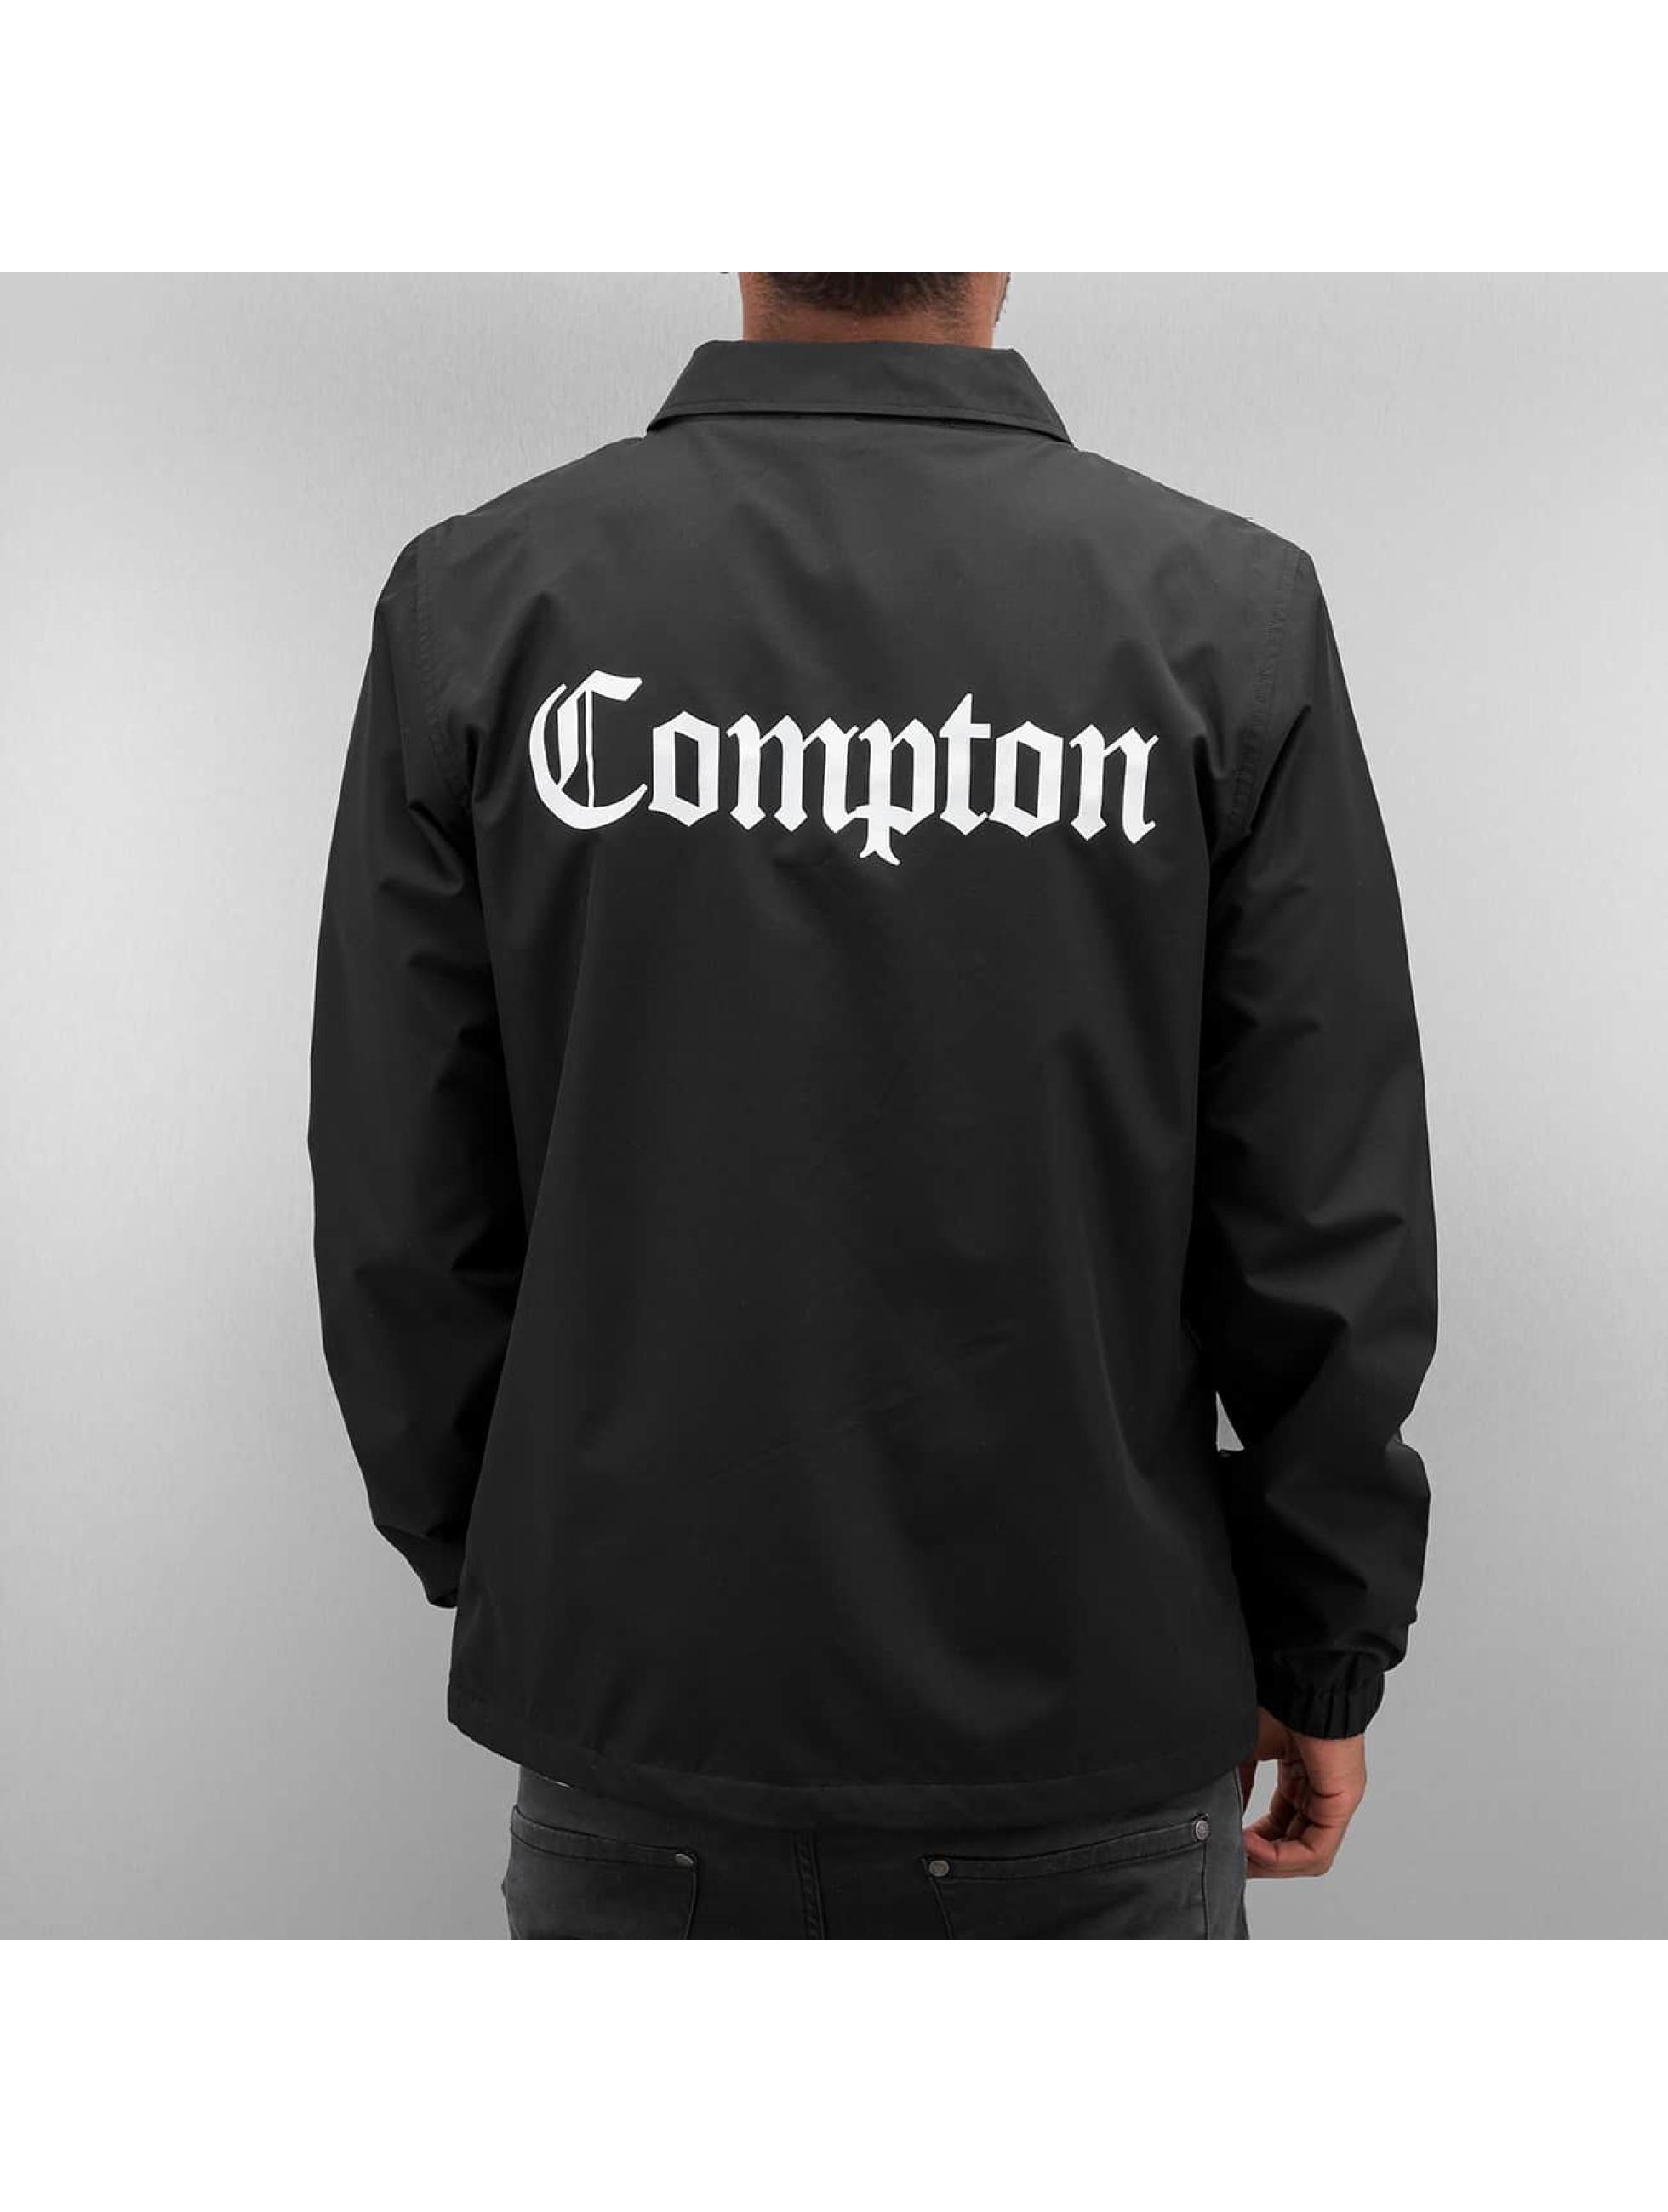 Mister Tee Välikausitakit Compton Coach musta